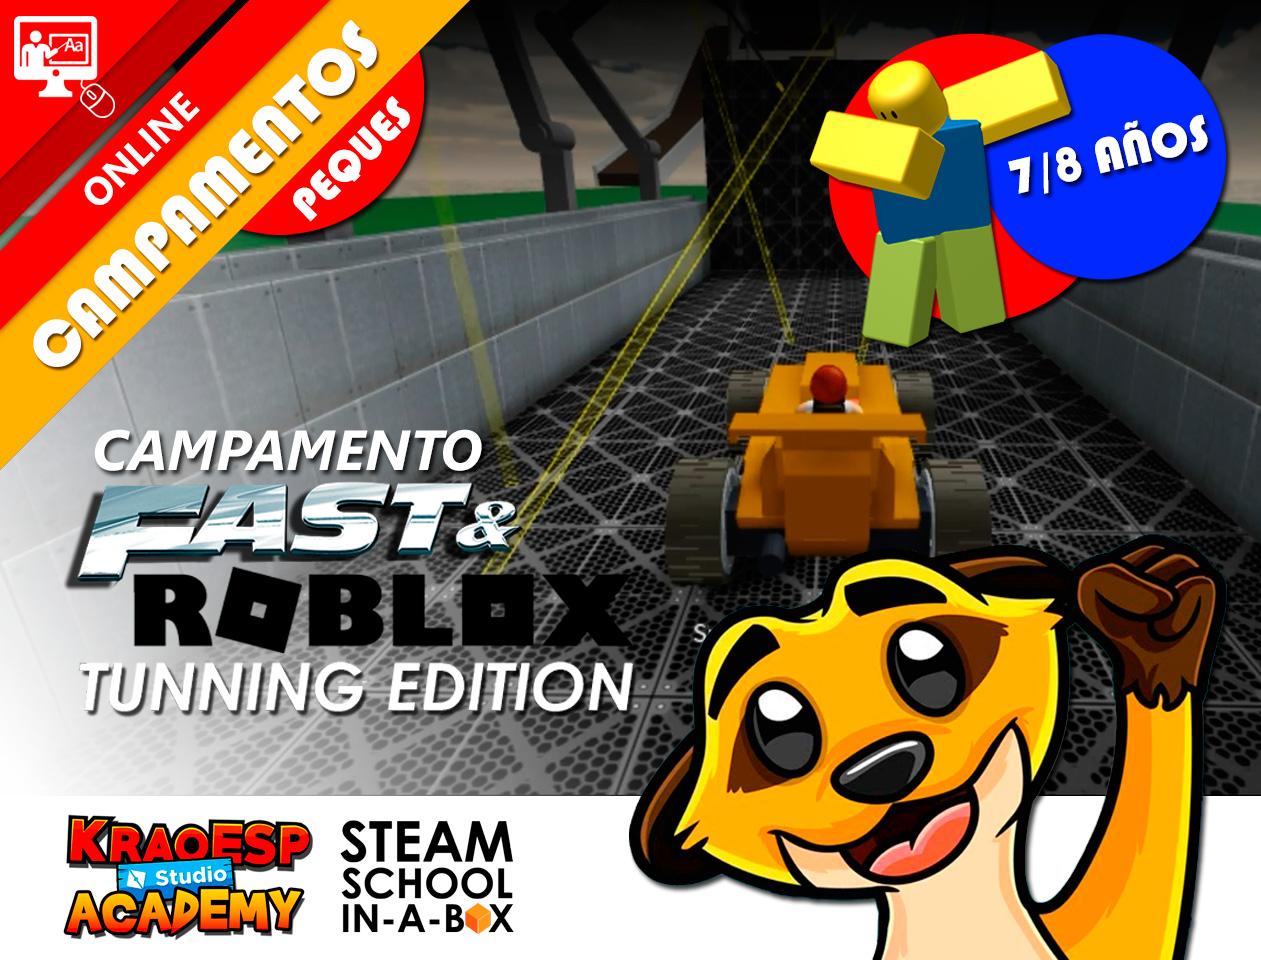 CAMPAMENTO FAST AND ROBLOX 7 A 8 AÑOS